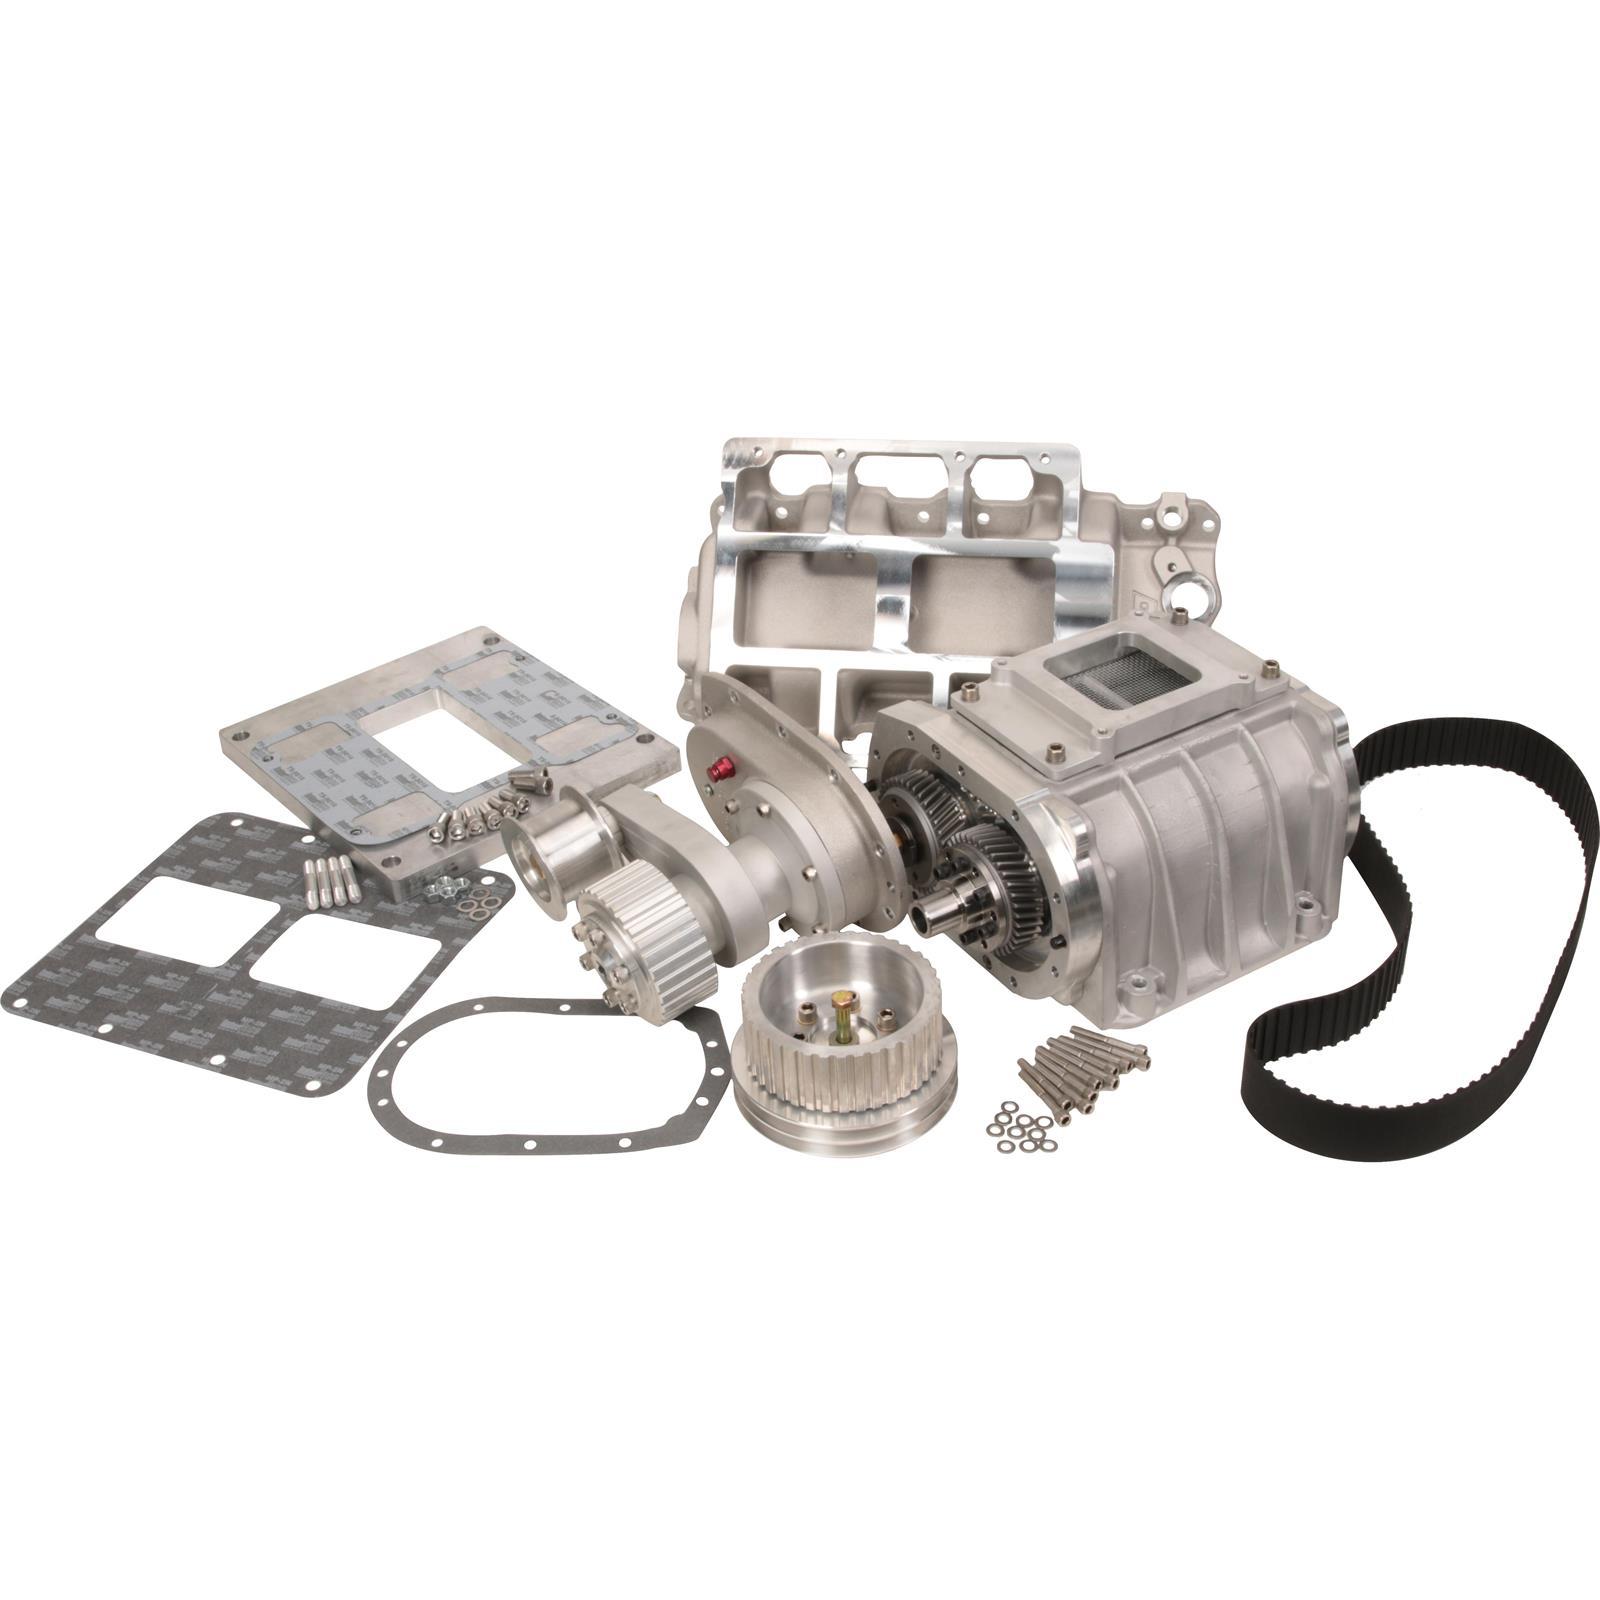 Dyer's Blowers PLAIN SBC 4-71 Supercharger Kit, Plain